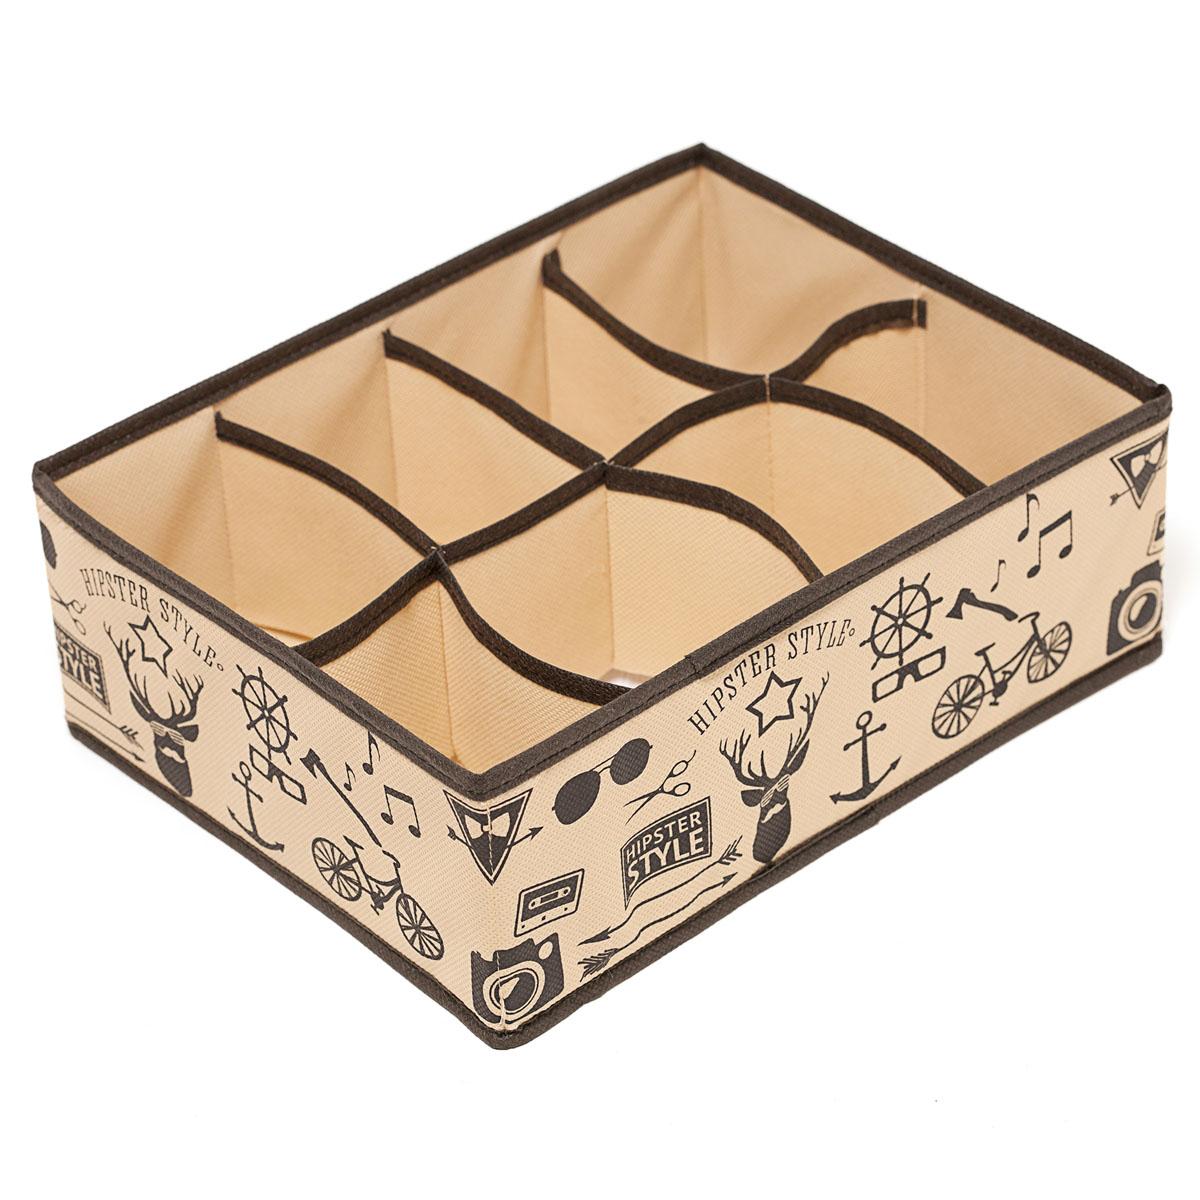 Органайзер для хранения вещей Homsu Hipster Style, 8 секций, 31 х 24 х 11 смHOM-122Компактный органайзер Homsu Hipster Style изготовлен из высококачественного полиэстера, который обеспечивает естественную вентиляцию. Материал позволяет воздуху свободно проникать внутрь, но не пропускает пыль. Органайзер отлично держит форму, благодаря вставкам из плотного картона. Изделие имеет 8 секций для хранения нижнего белья, колготок, носков и другой одежды. Такой органайзер позволит вам хранить вещи компактно и удобно, а оригинальный дизайн сделает вашу гардеробную красивой и невероятно стильной. Размер секции: 12 х 8 см.